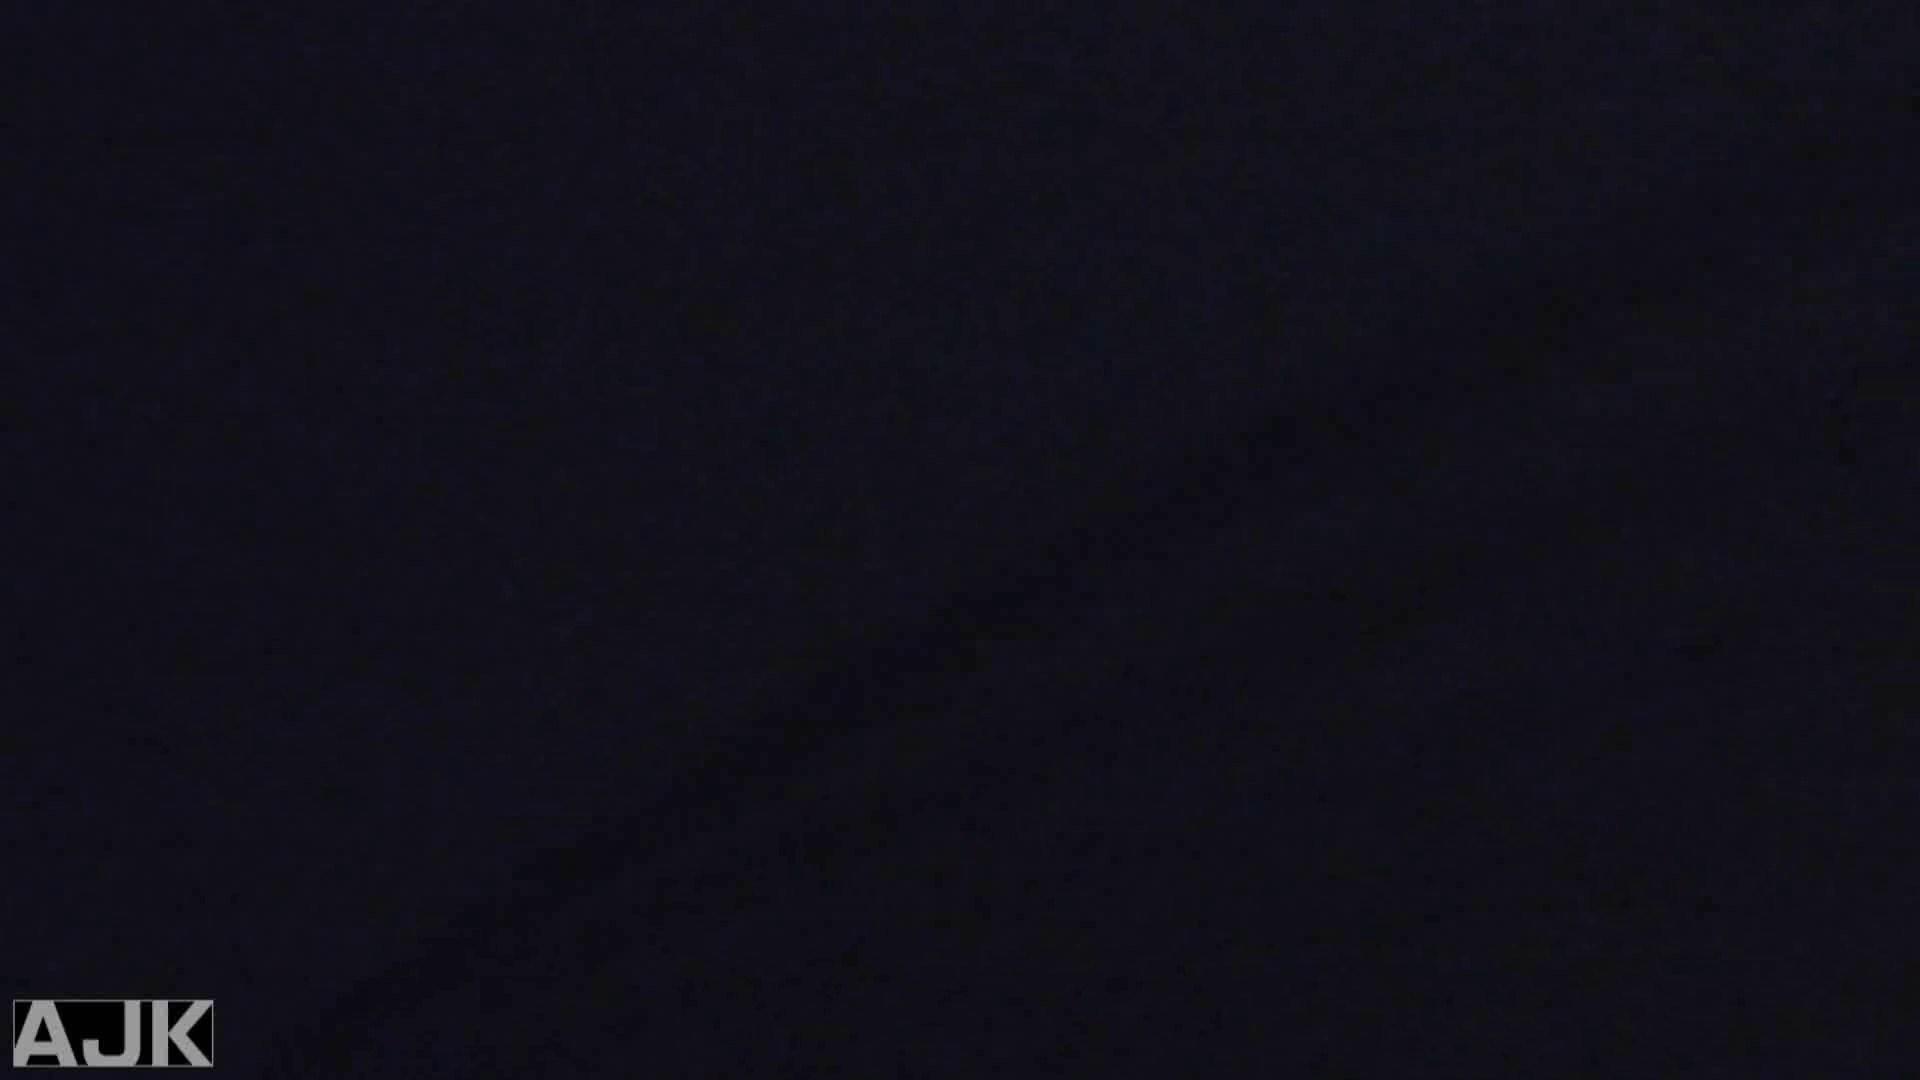 神降臨!史上最強の潜入かわや! vol.23 潜入 | 無料オマンコ  78PICs 43